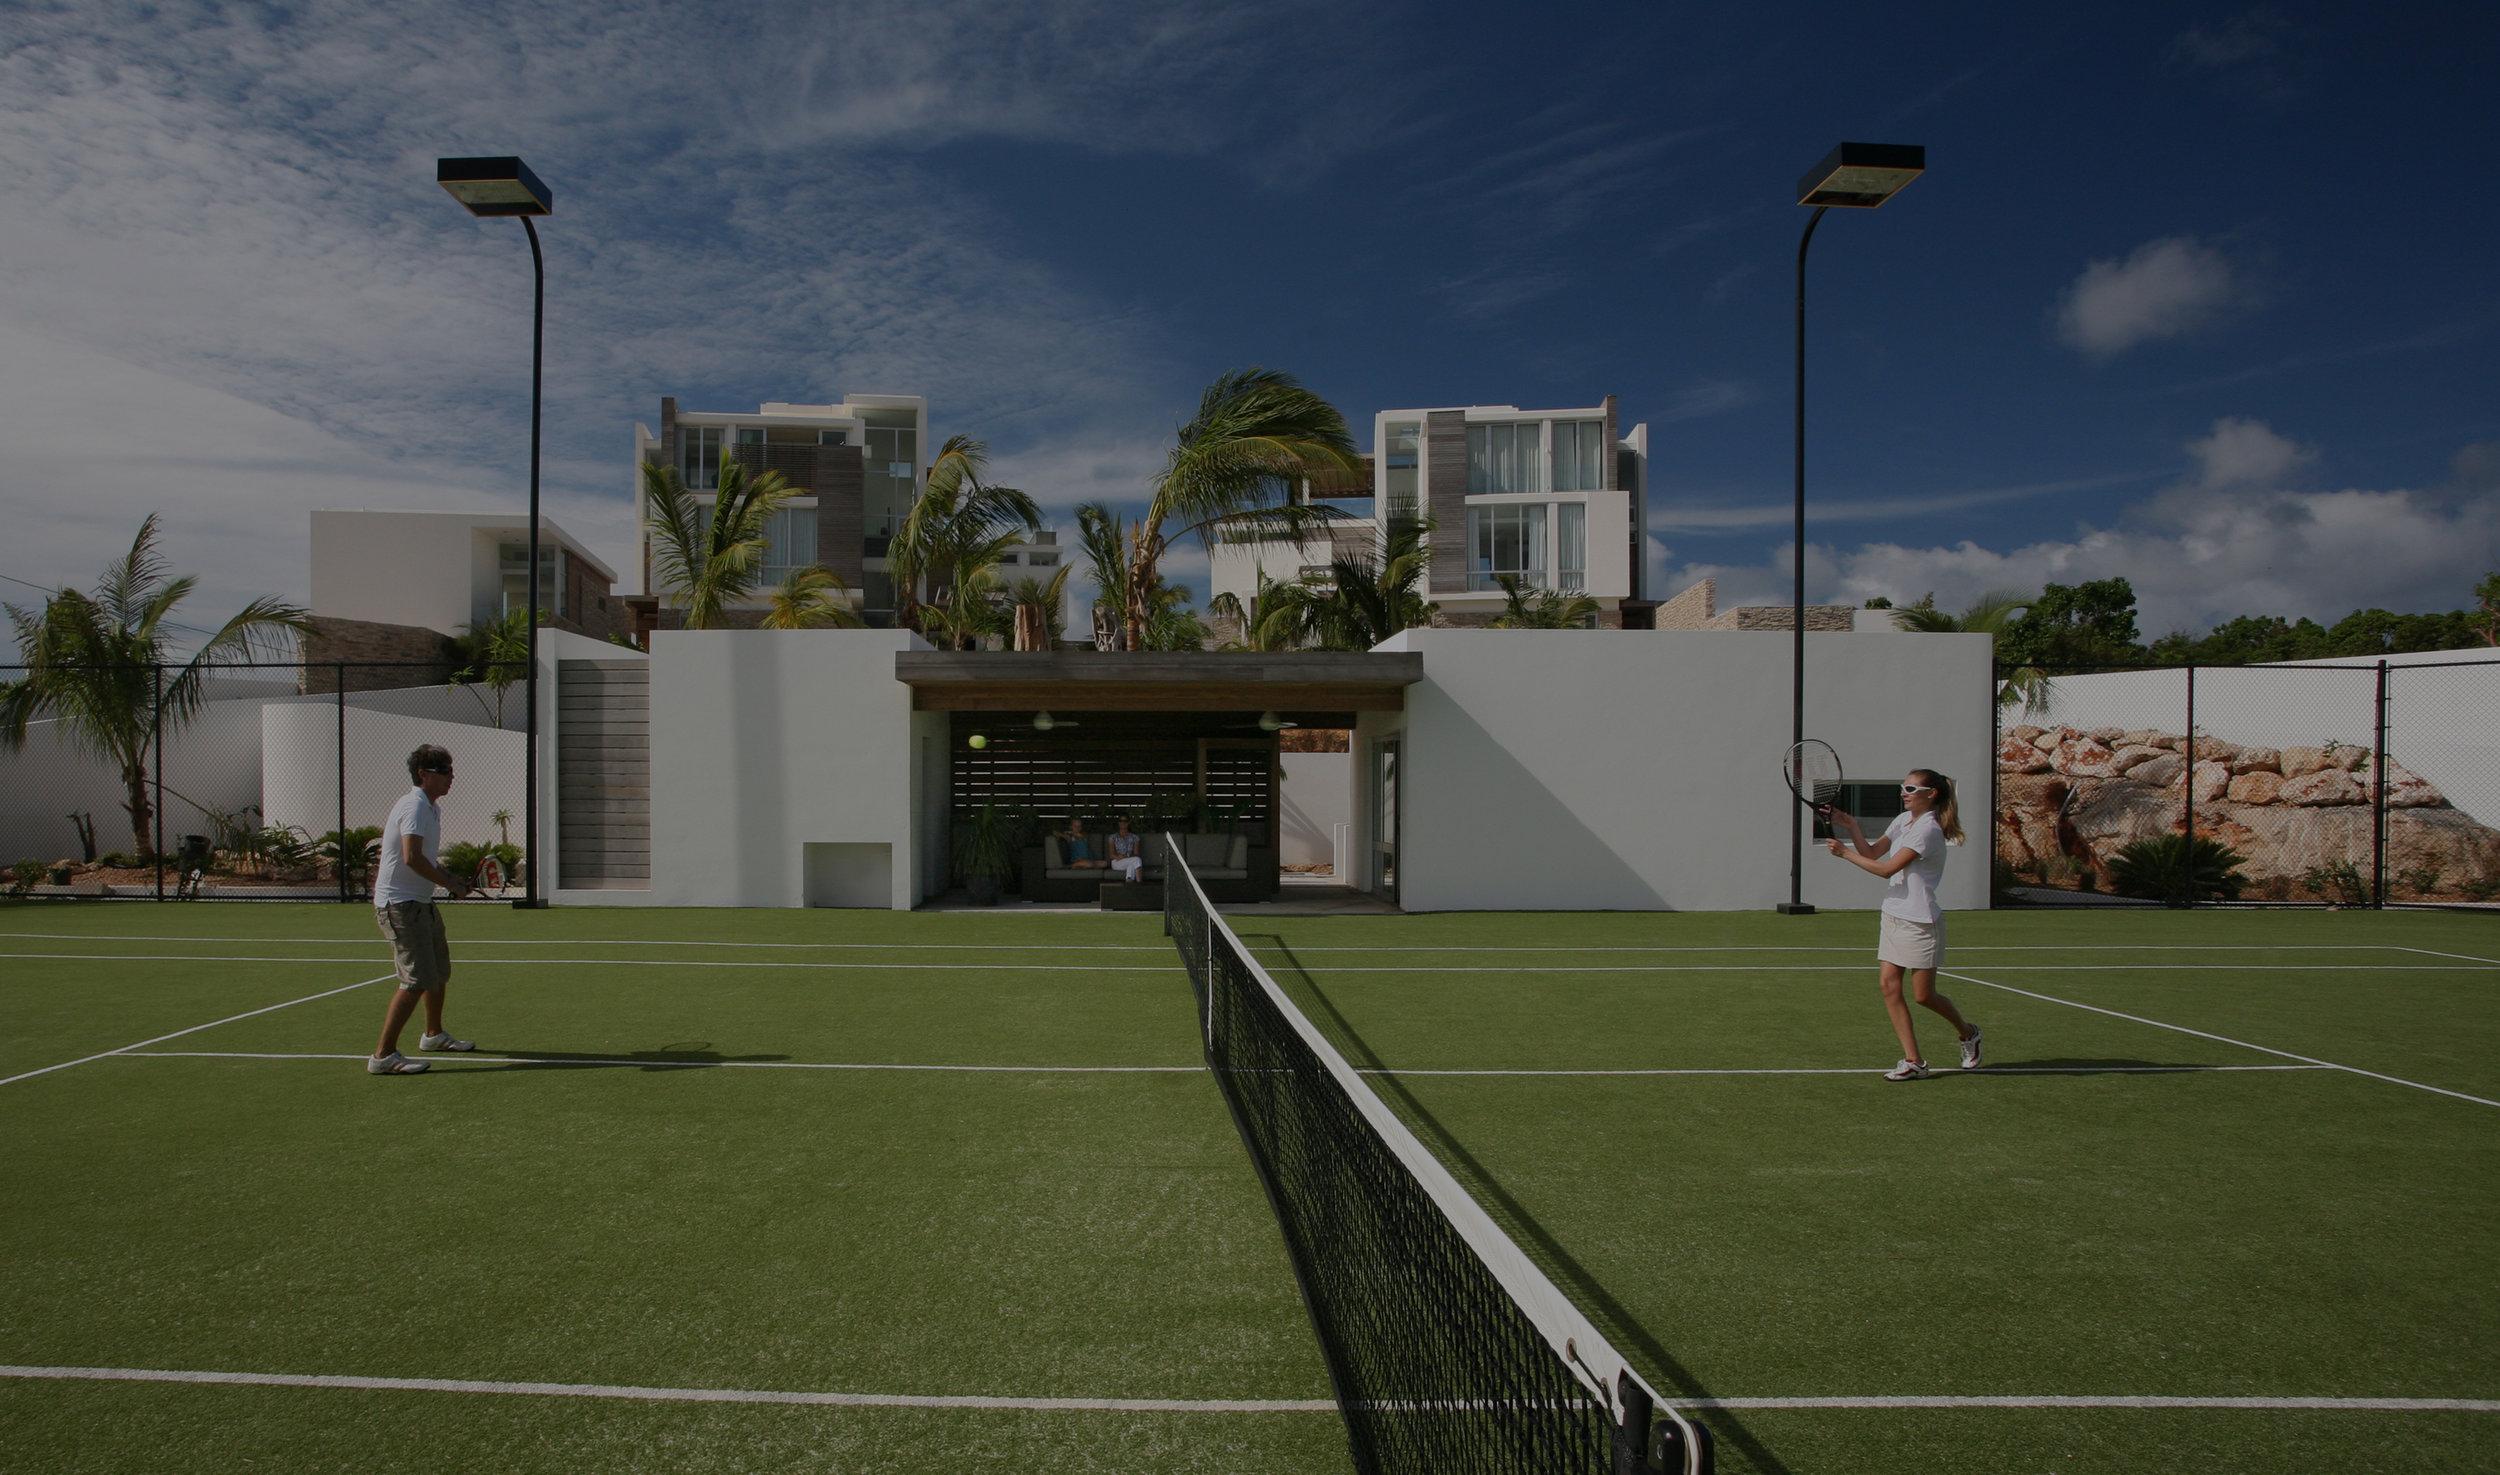 フィットネス&ウェルネス施設、テニスコート、クッキングクラスが、あなただけのために用意されることを思い描いて下さい。 -